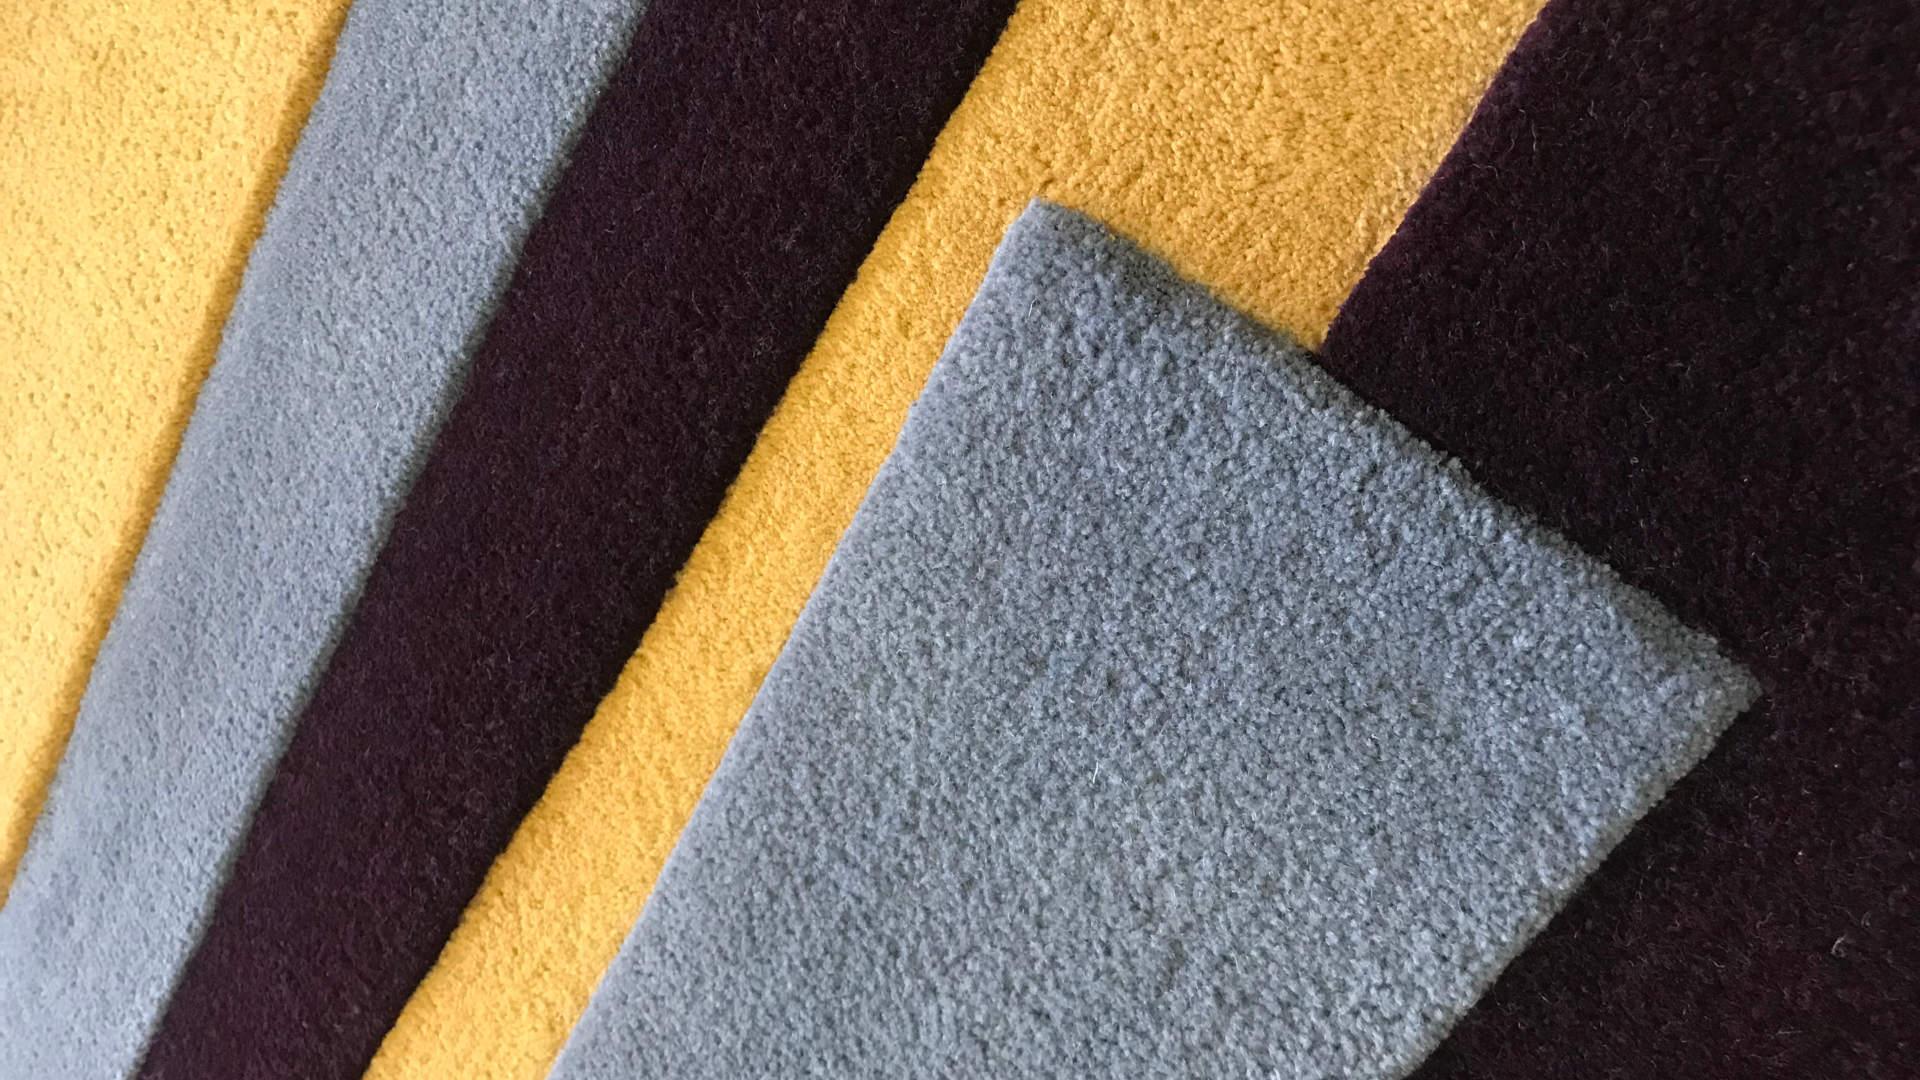 egyedi szőnyeg készítés, színgarancia, handtufting